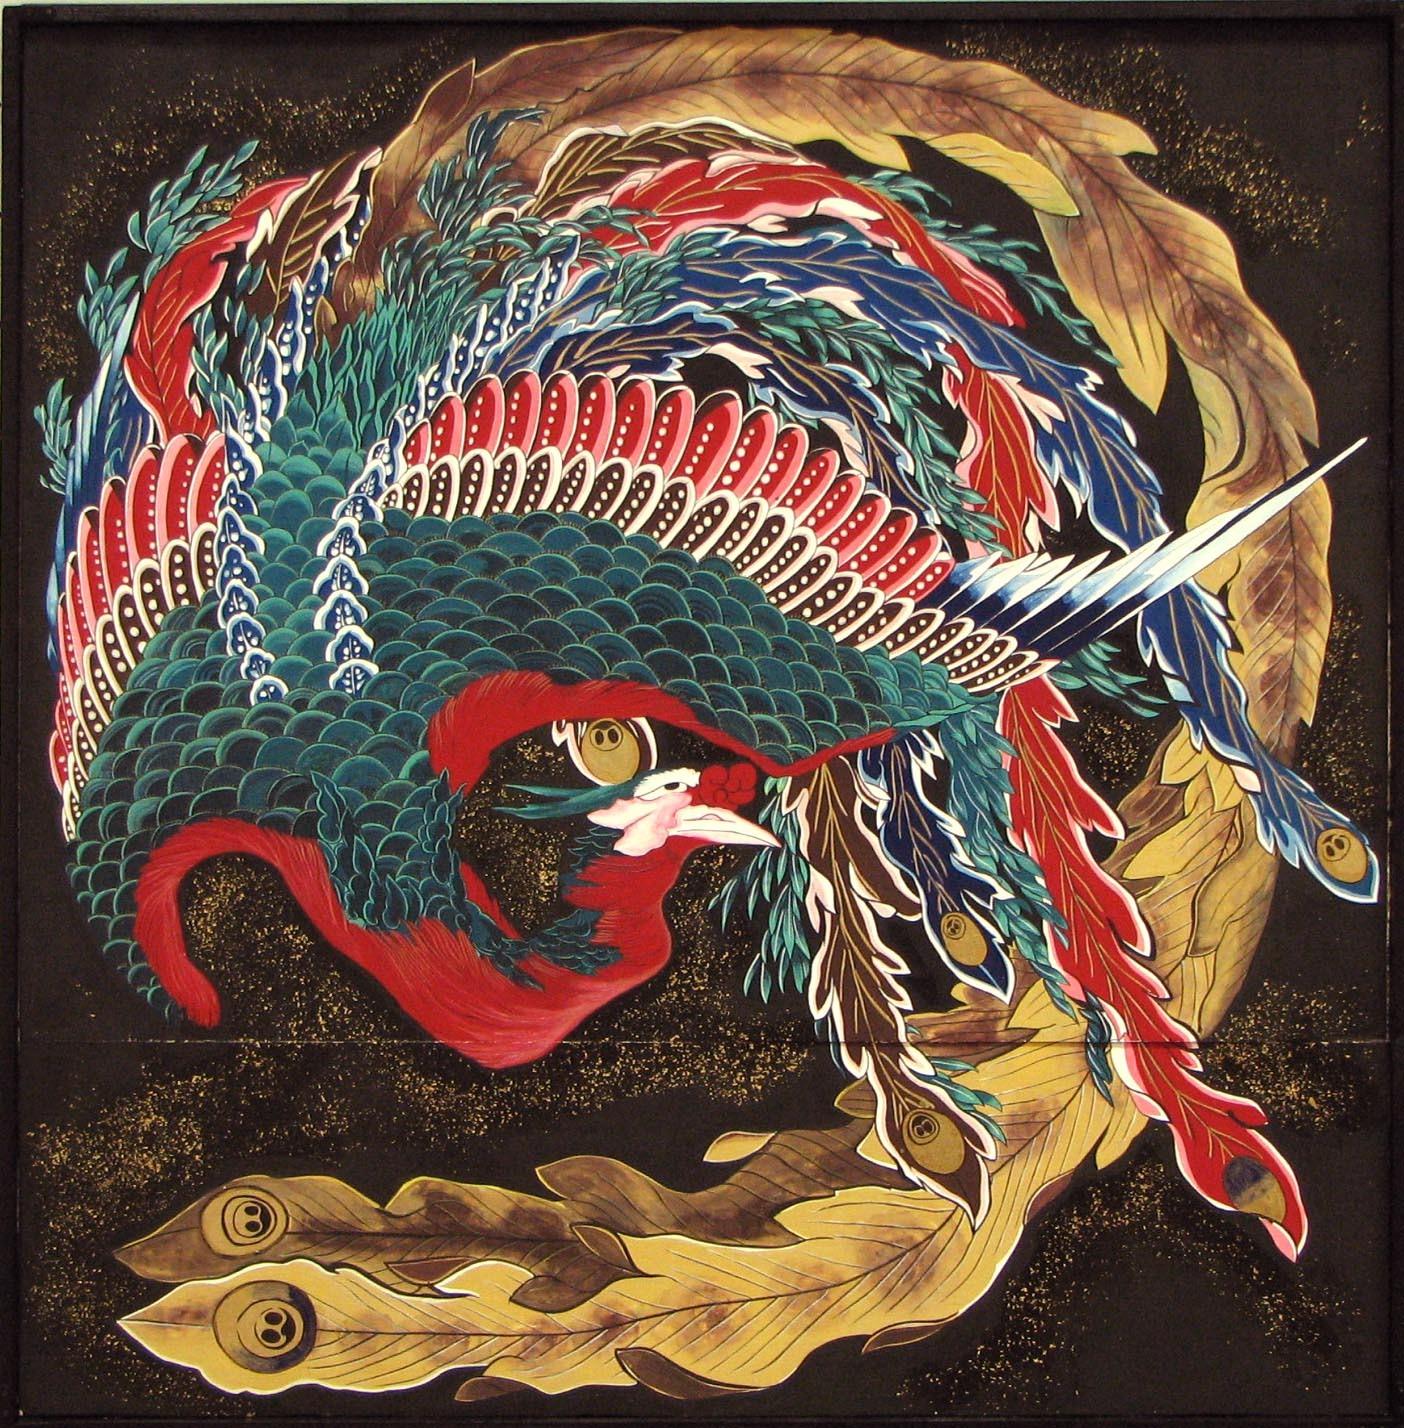 TATTOO、タトゥー、刺青、兵庫県、神戸市_c0173293_14291643.jpg